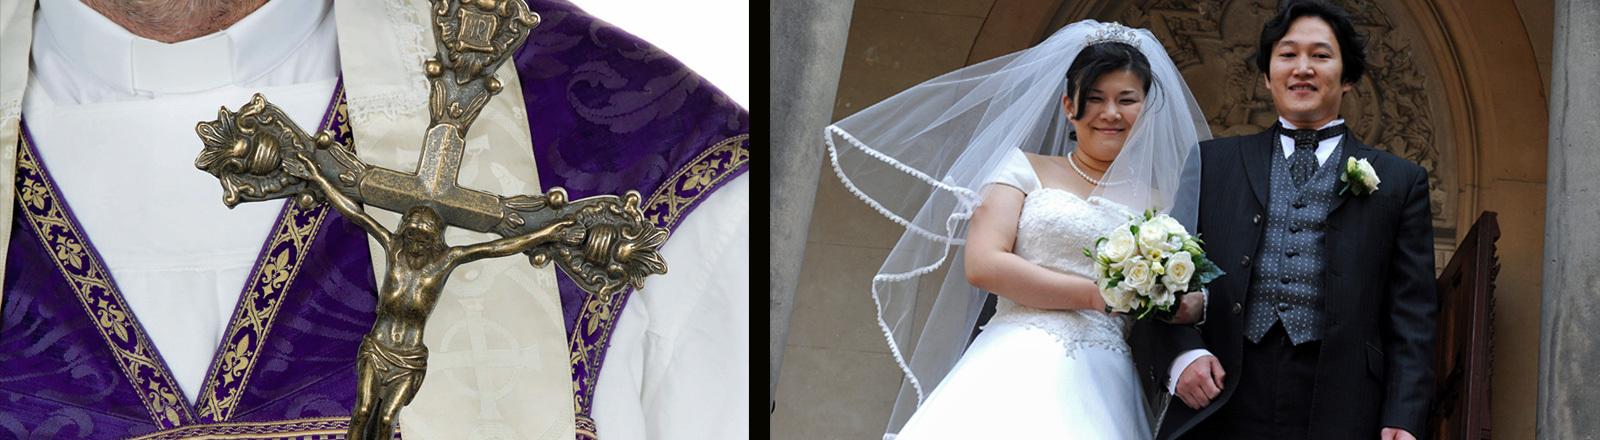 Japans Hochzeitspaare lassen sich gerne von Fake-Priestern nach christlichem Glauben trauen.